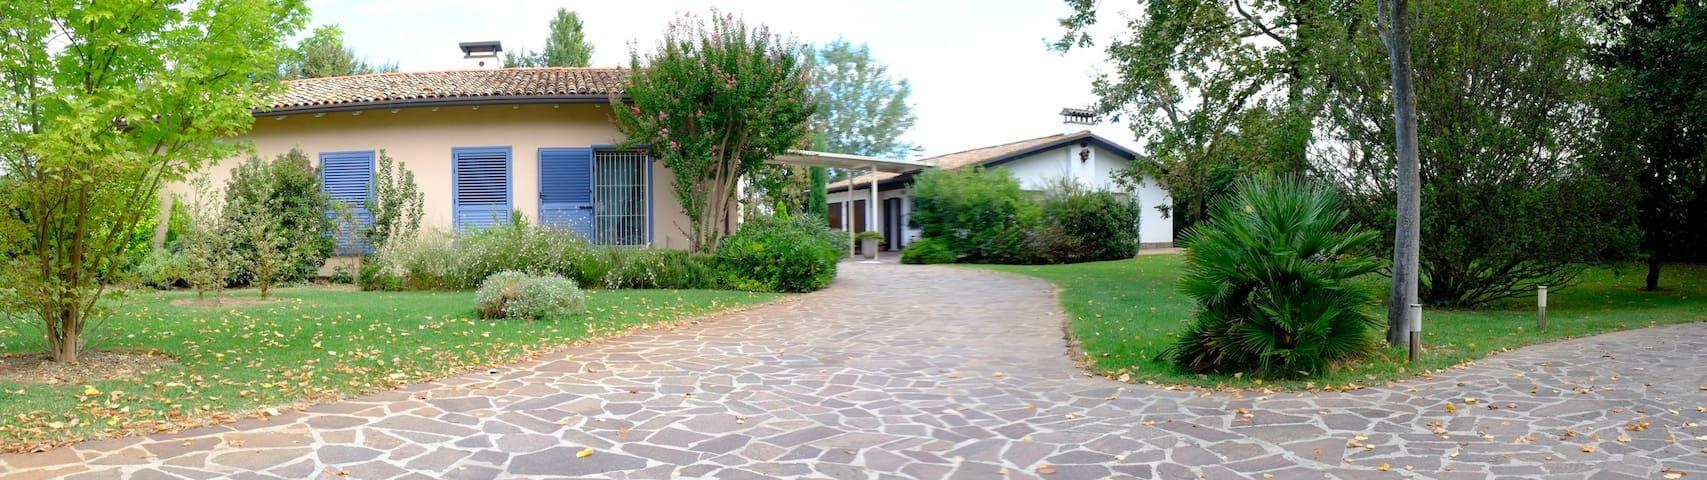 Villa Lori - Ravenna - House